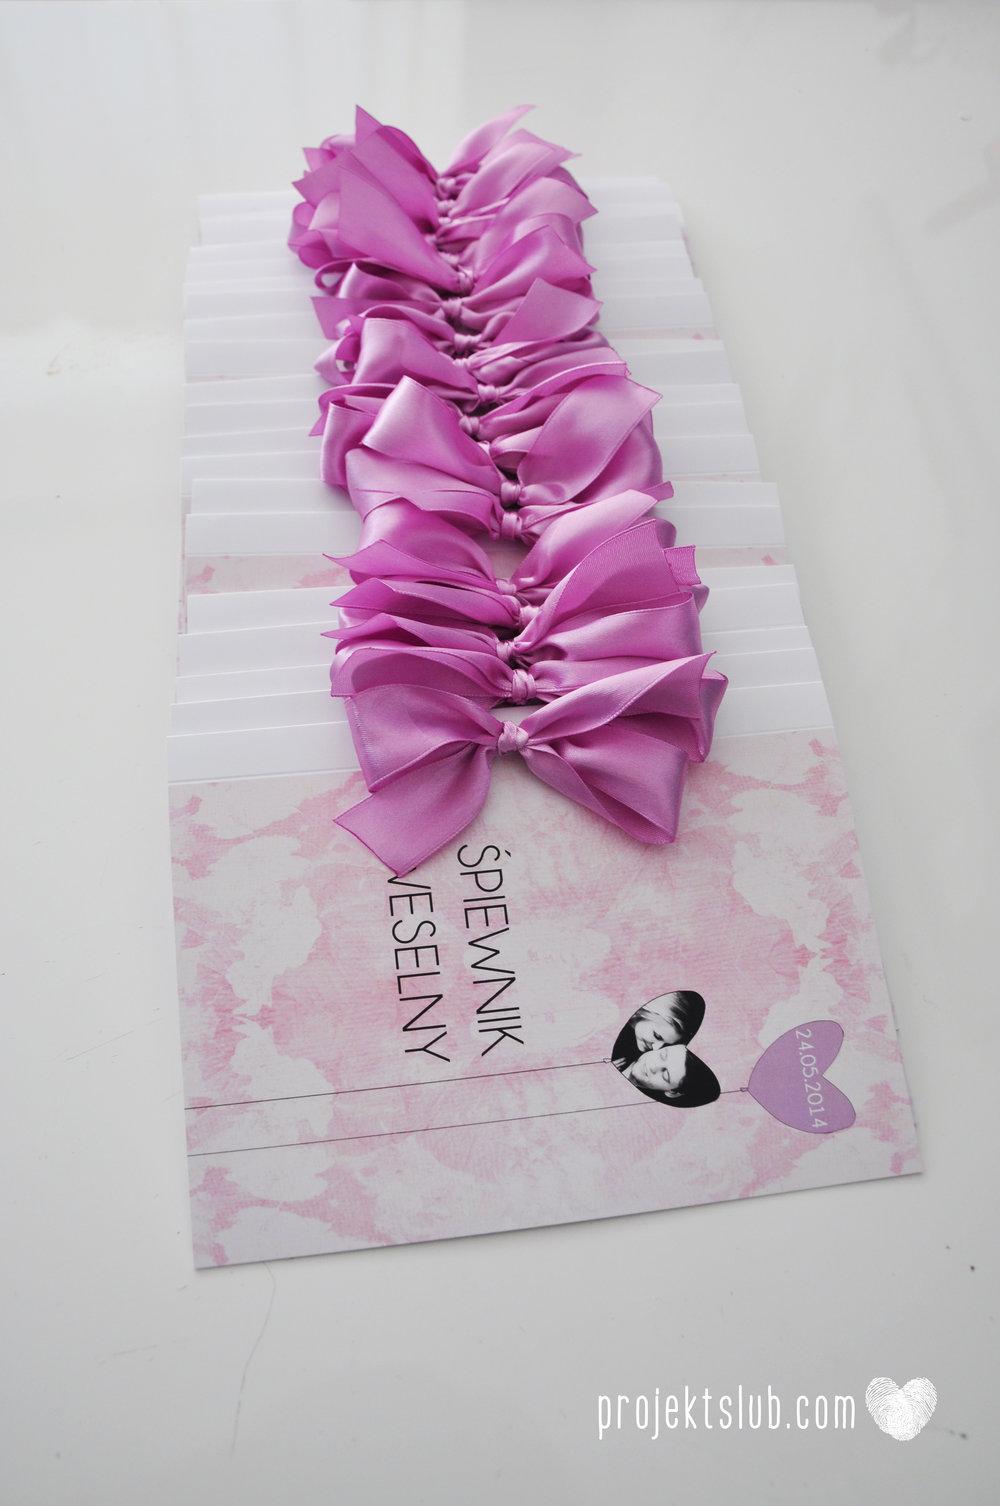 zaproszenie ślubne harmonijka Projekt ślub miłosny balon serce para w balonie ciepły fiolet pastelowy fiolet lila róż  (1).JPG